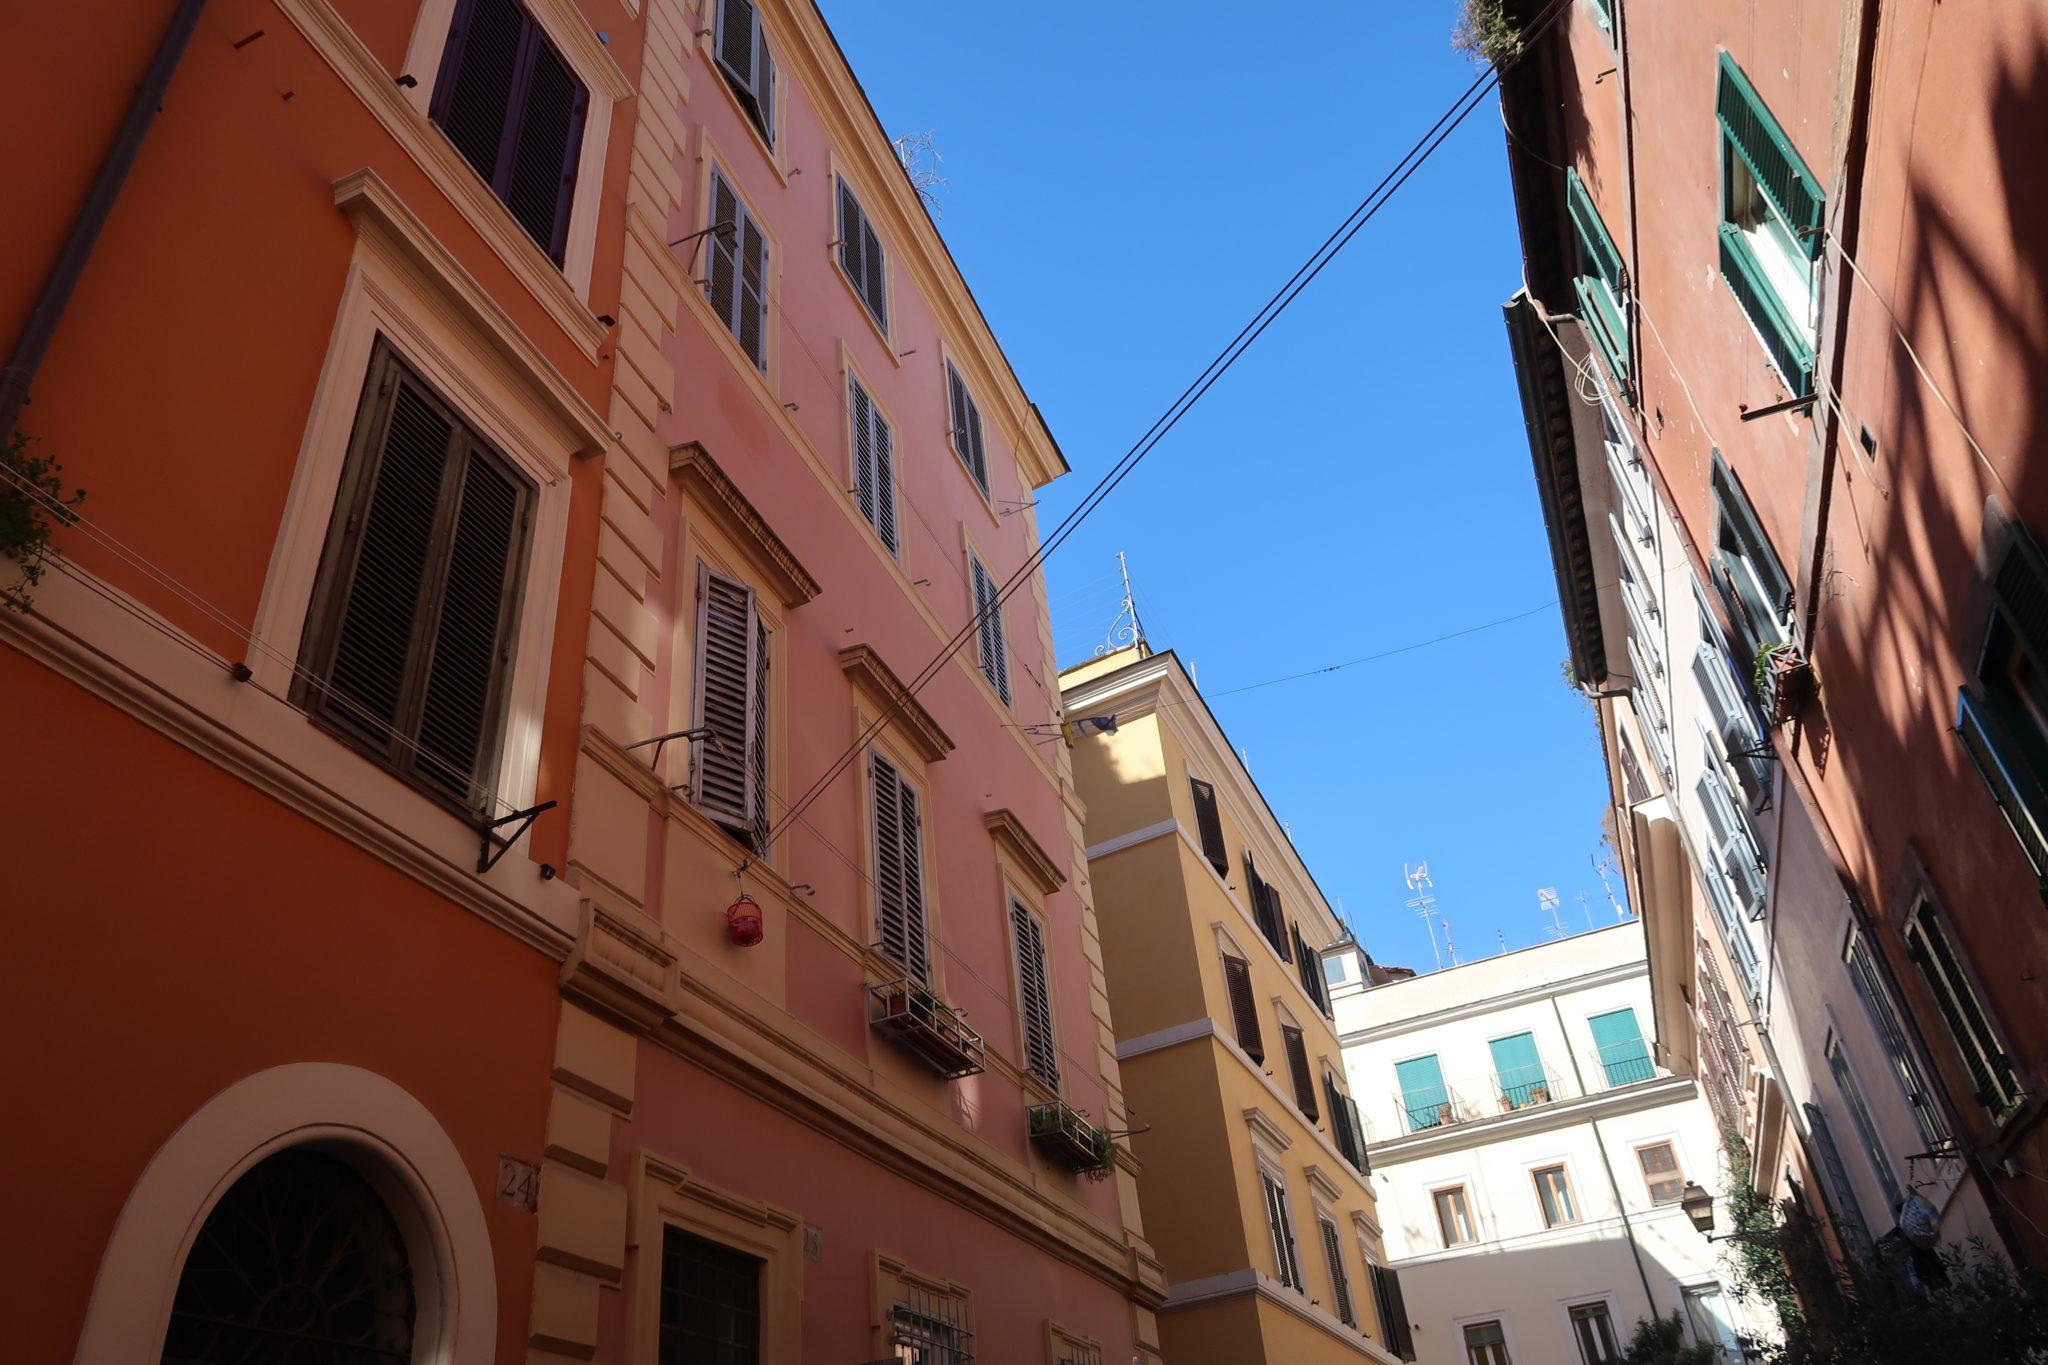 visite-rome-5-jours-trastevere